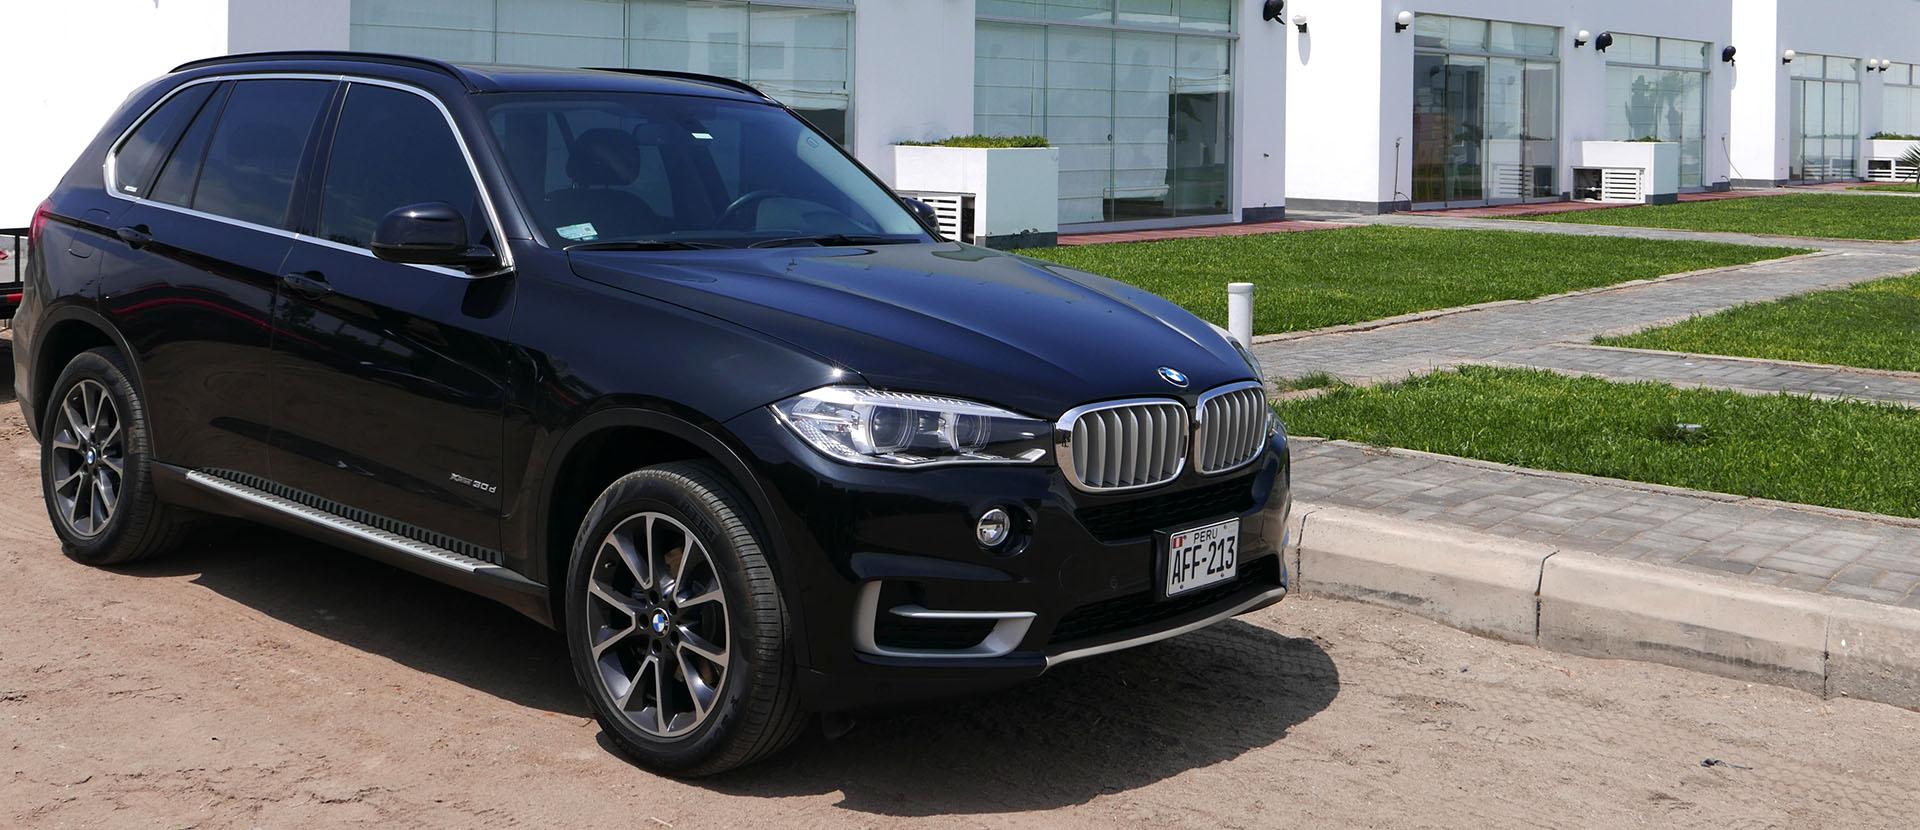 BMW X5 Gebrauchtwagen bestellen